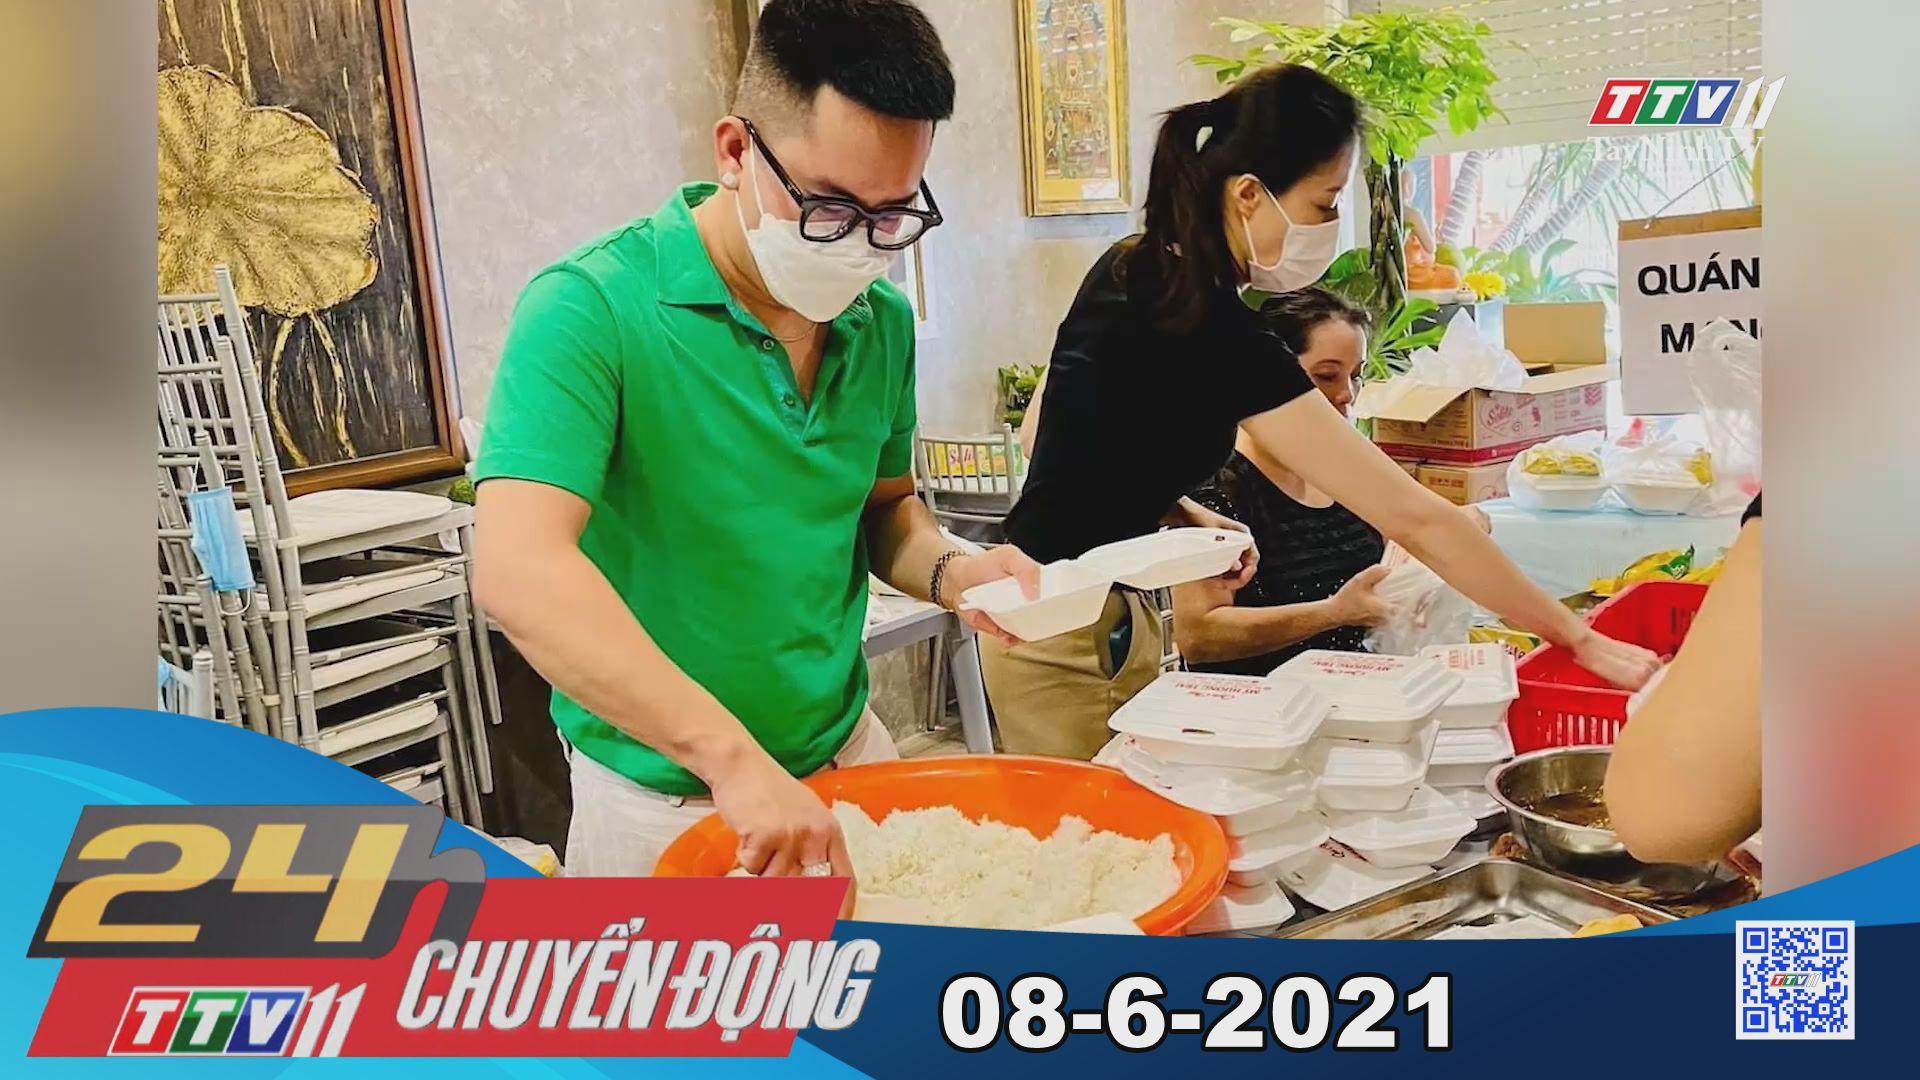 24h Chuyển động 08-6-2021 | Tin tức hôm nay | TayNinhTV